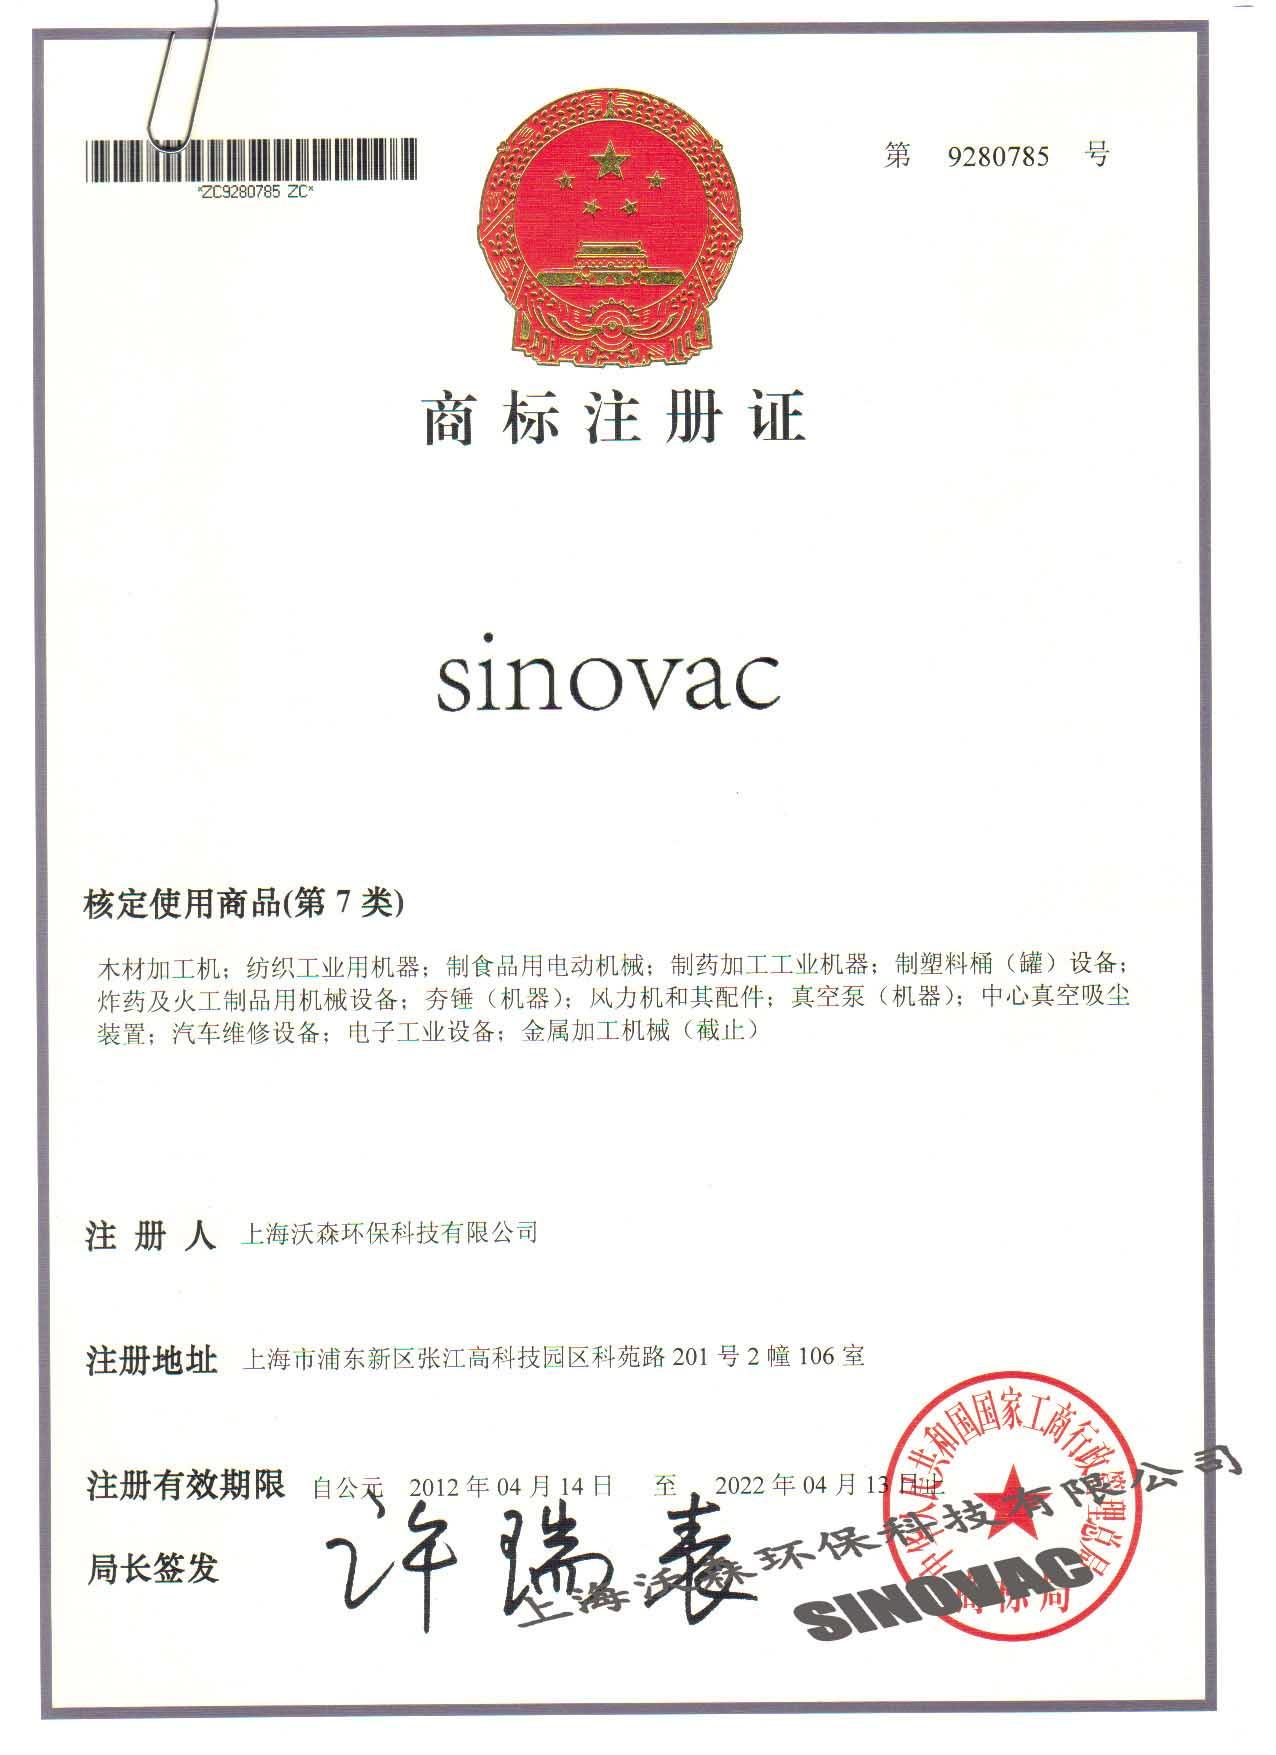 SINOVAC 滤筒 吸尘器 真空清扫